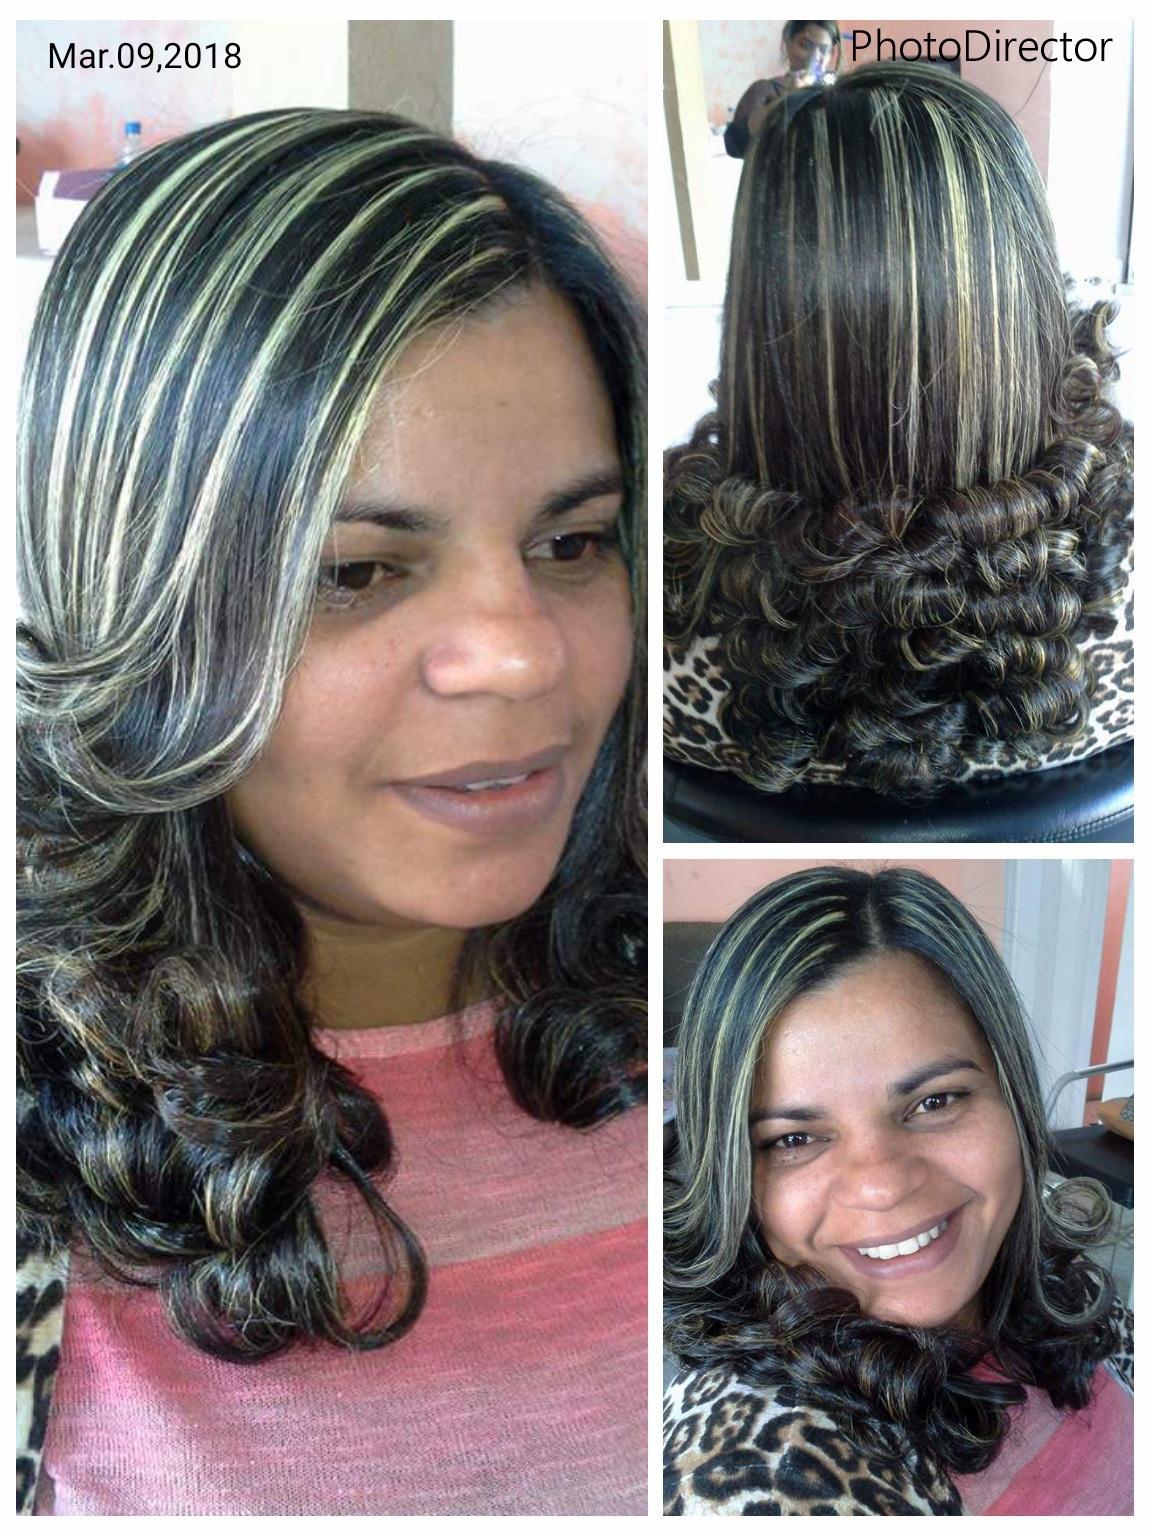 Mechas, corte em camadas, prancha modelada cabelo auxiliar cabeleireiro(a)